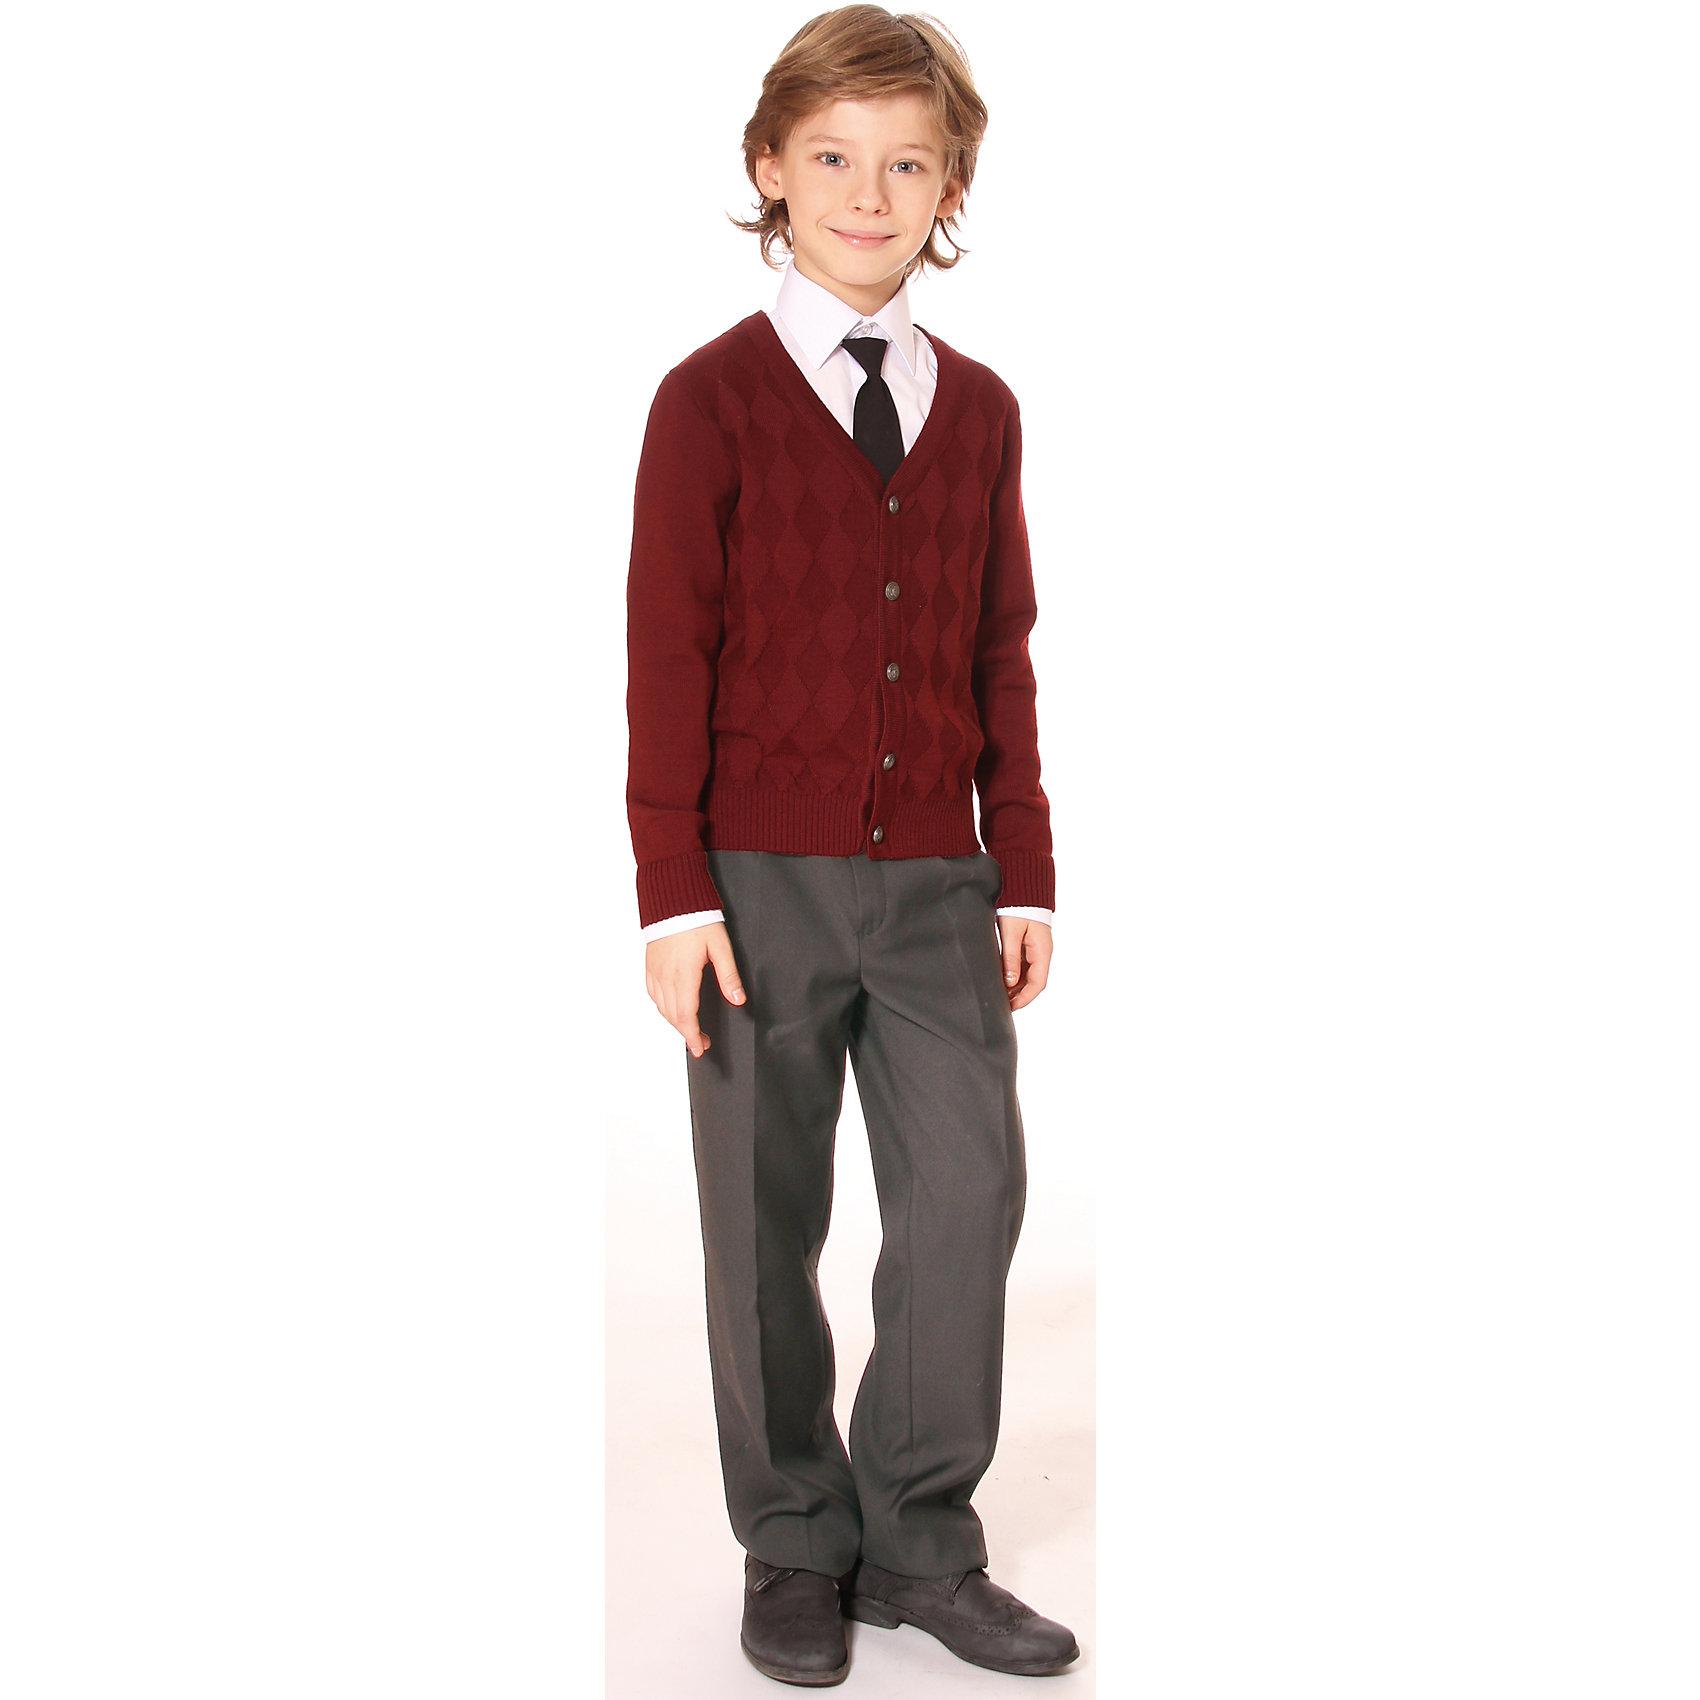 Брюки для мальчика СменаБрюки<br>Брюки для мальчика от российской марки  Смена.<br>Удобные классические брюки для мальчика с регулировкой ширины по талии.<br>Состав:<br>50%  шерсть, 50%  вискоза<br><br>Ширина мм: 215<br>Глубина мм: 88<br>Высота мм: 191<br>Вес г: 336<br>Цвет: серый<br>Возраст от месяцев: 132<br>Возраст до месяцев: 144<br>Пол: Мужской<br>Возраст: Детский<br>Размер: 152,122,134,140,128<br>SKU: 4177415